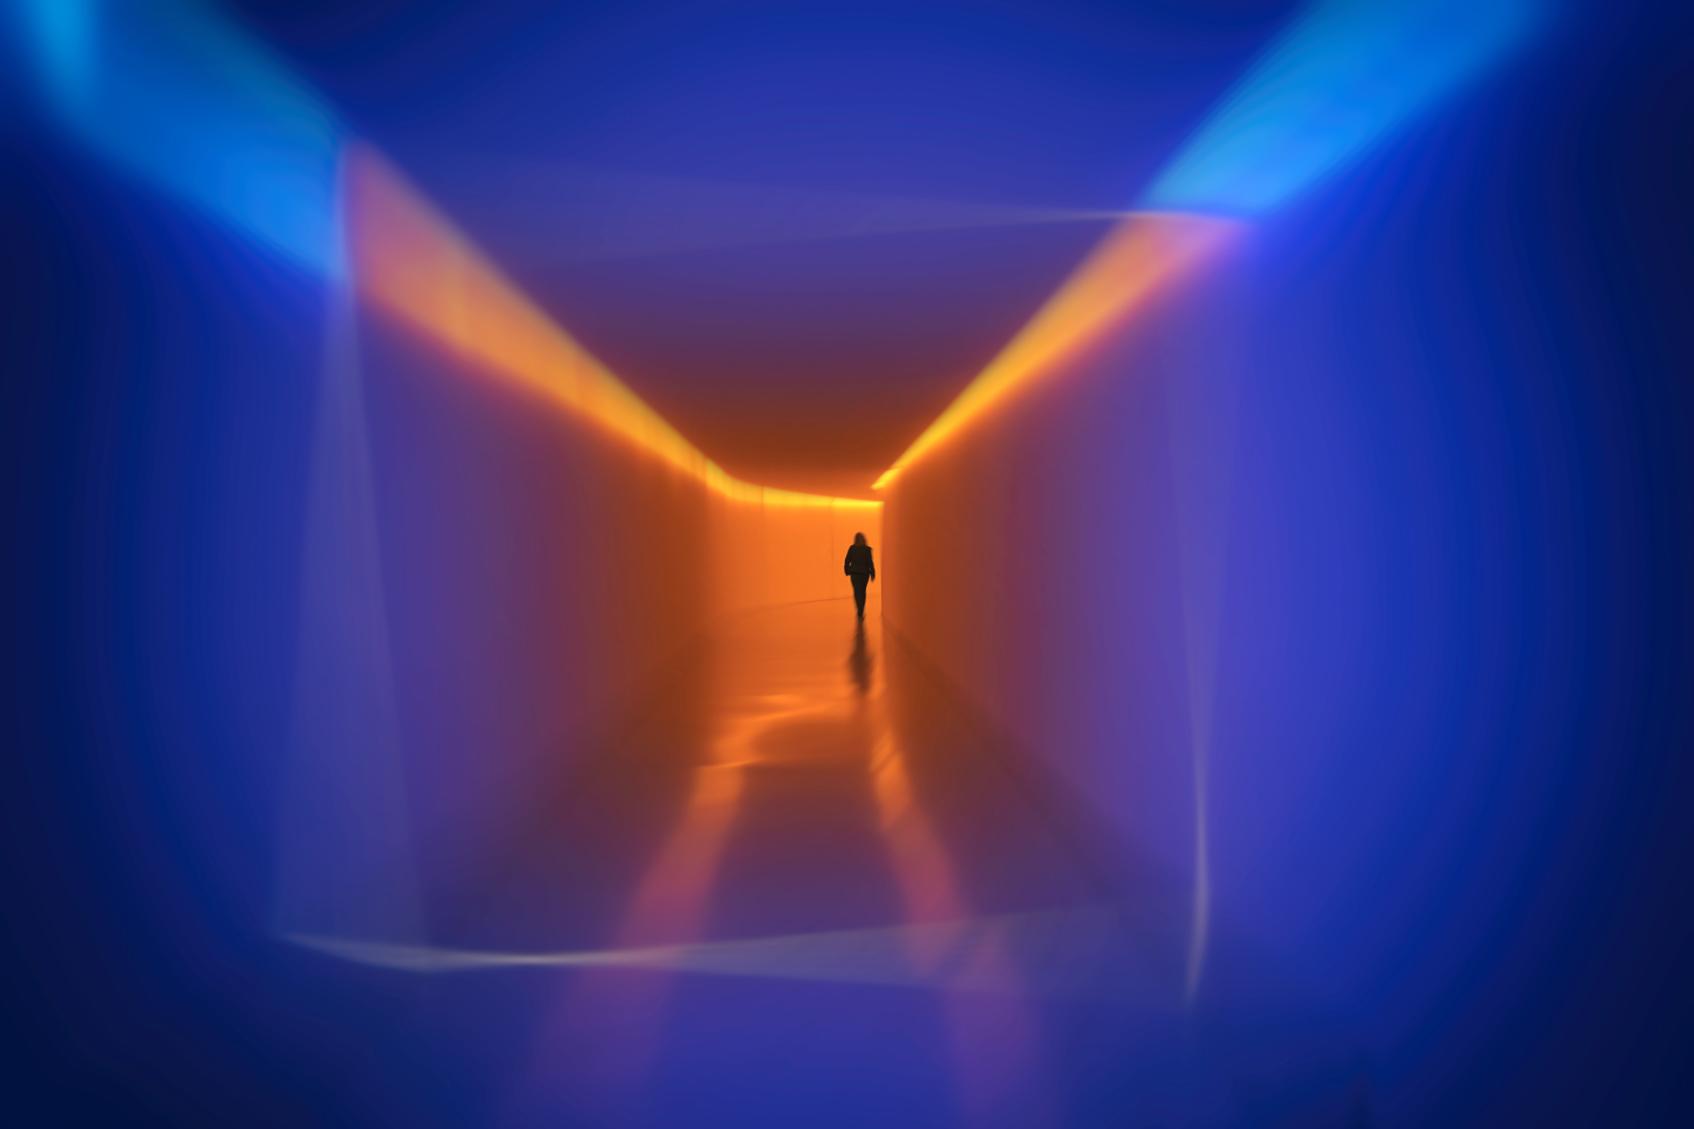 неоновый свет